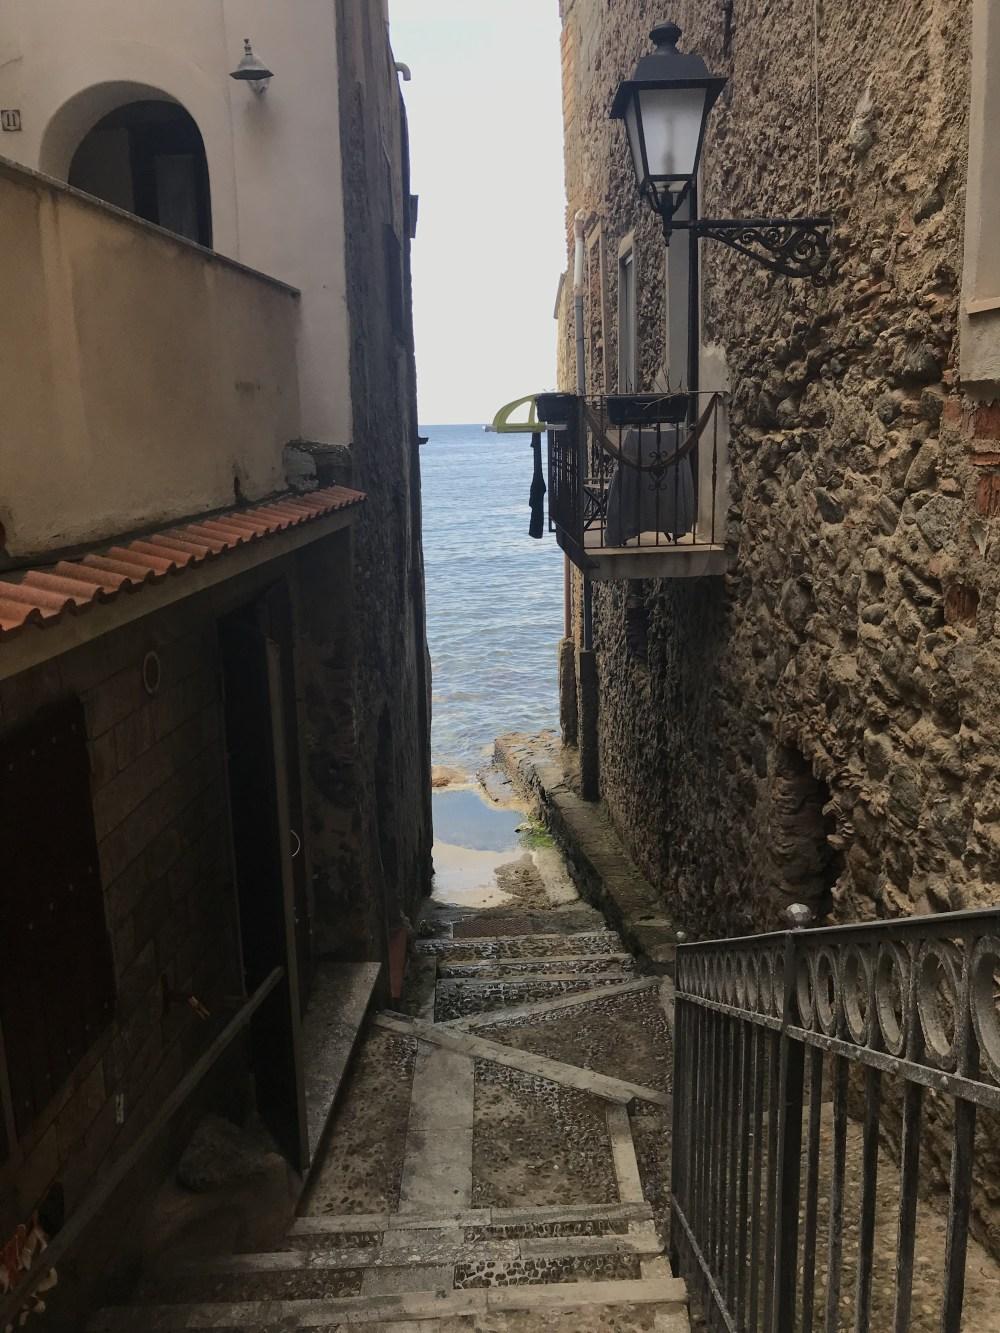 As casas de Chinalea, em Scilla, encontrando o mar